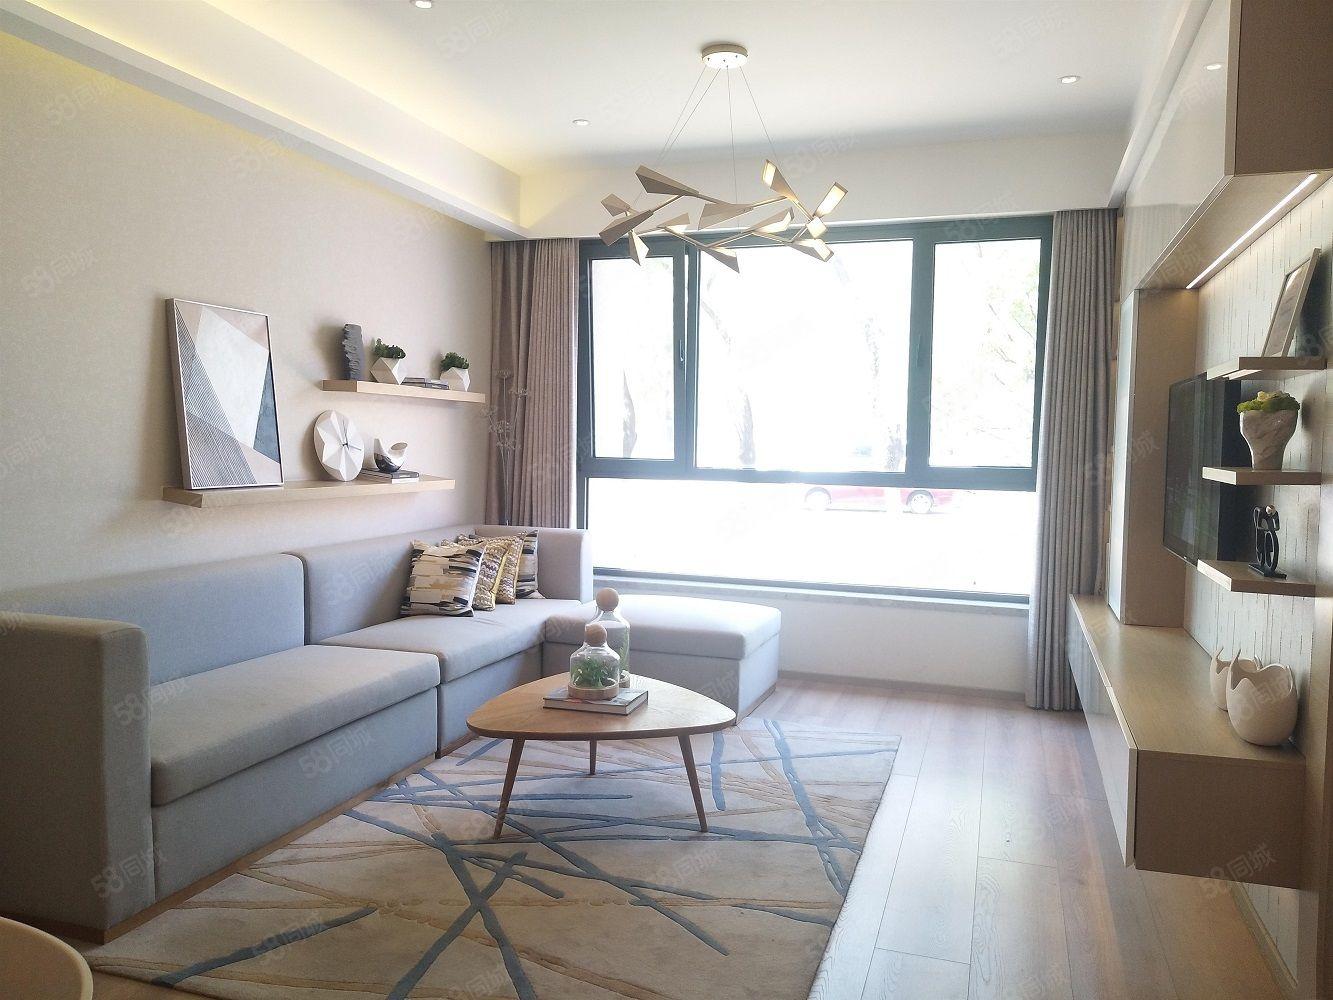 观山湖西清镇区首付9万学区房72平两室房开直售